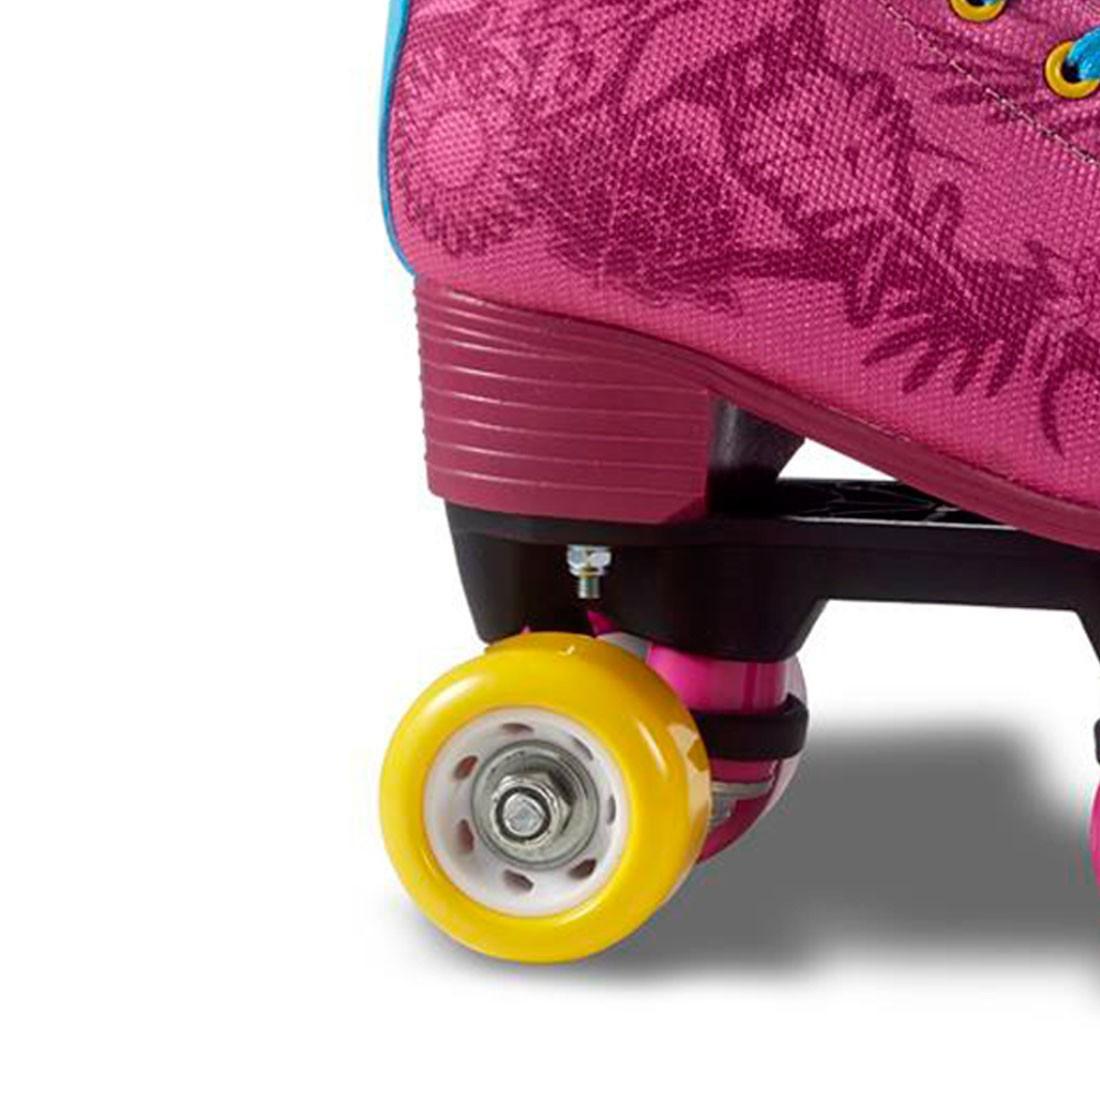 4f1dcc2f0 Patins Infantil Tradicional Quad 4 Rodas Fila Juliet Rosa - Fila skates R   399